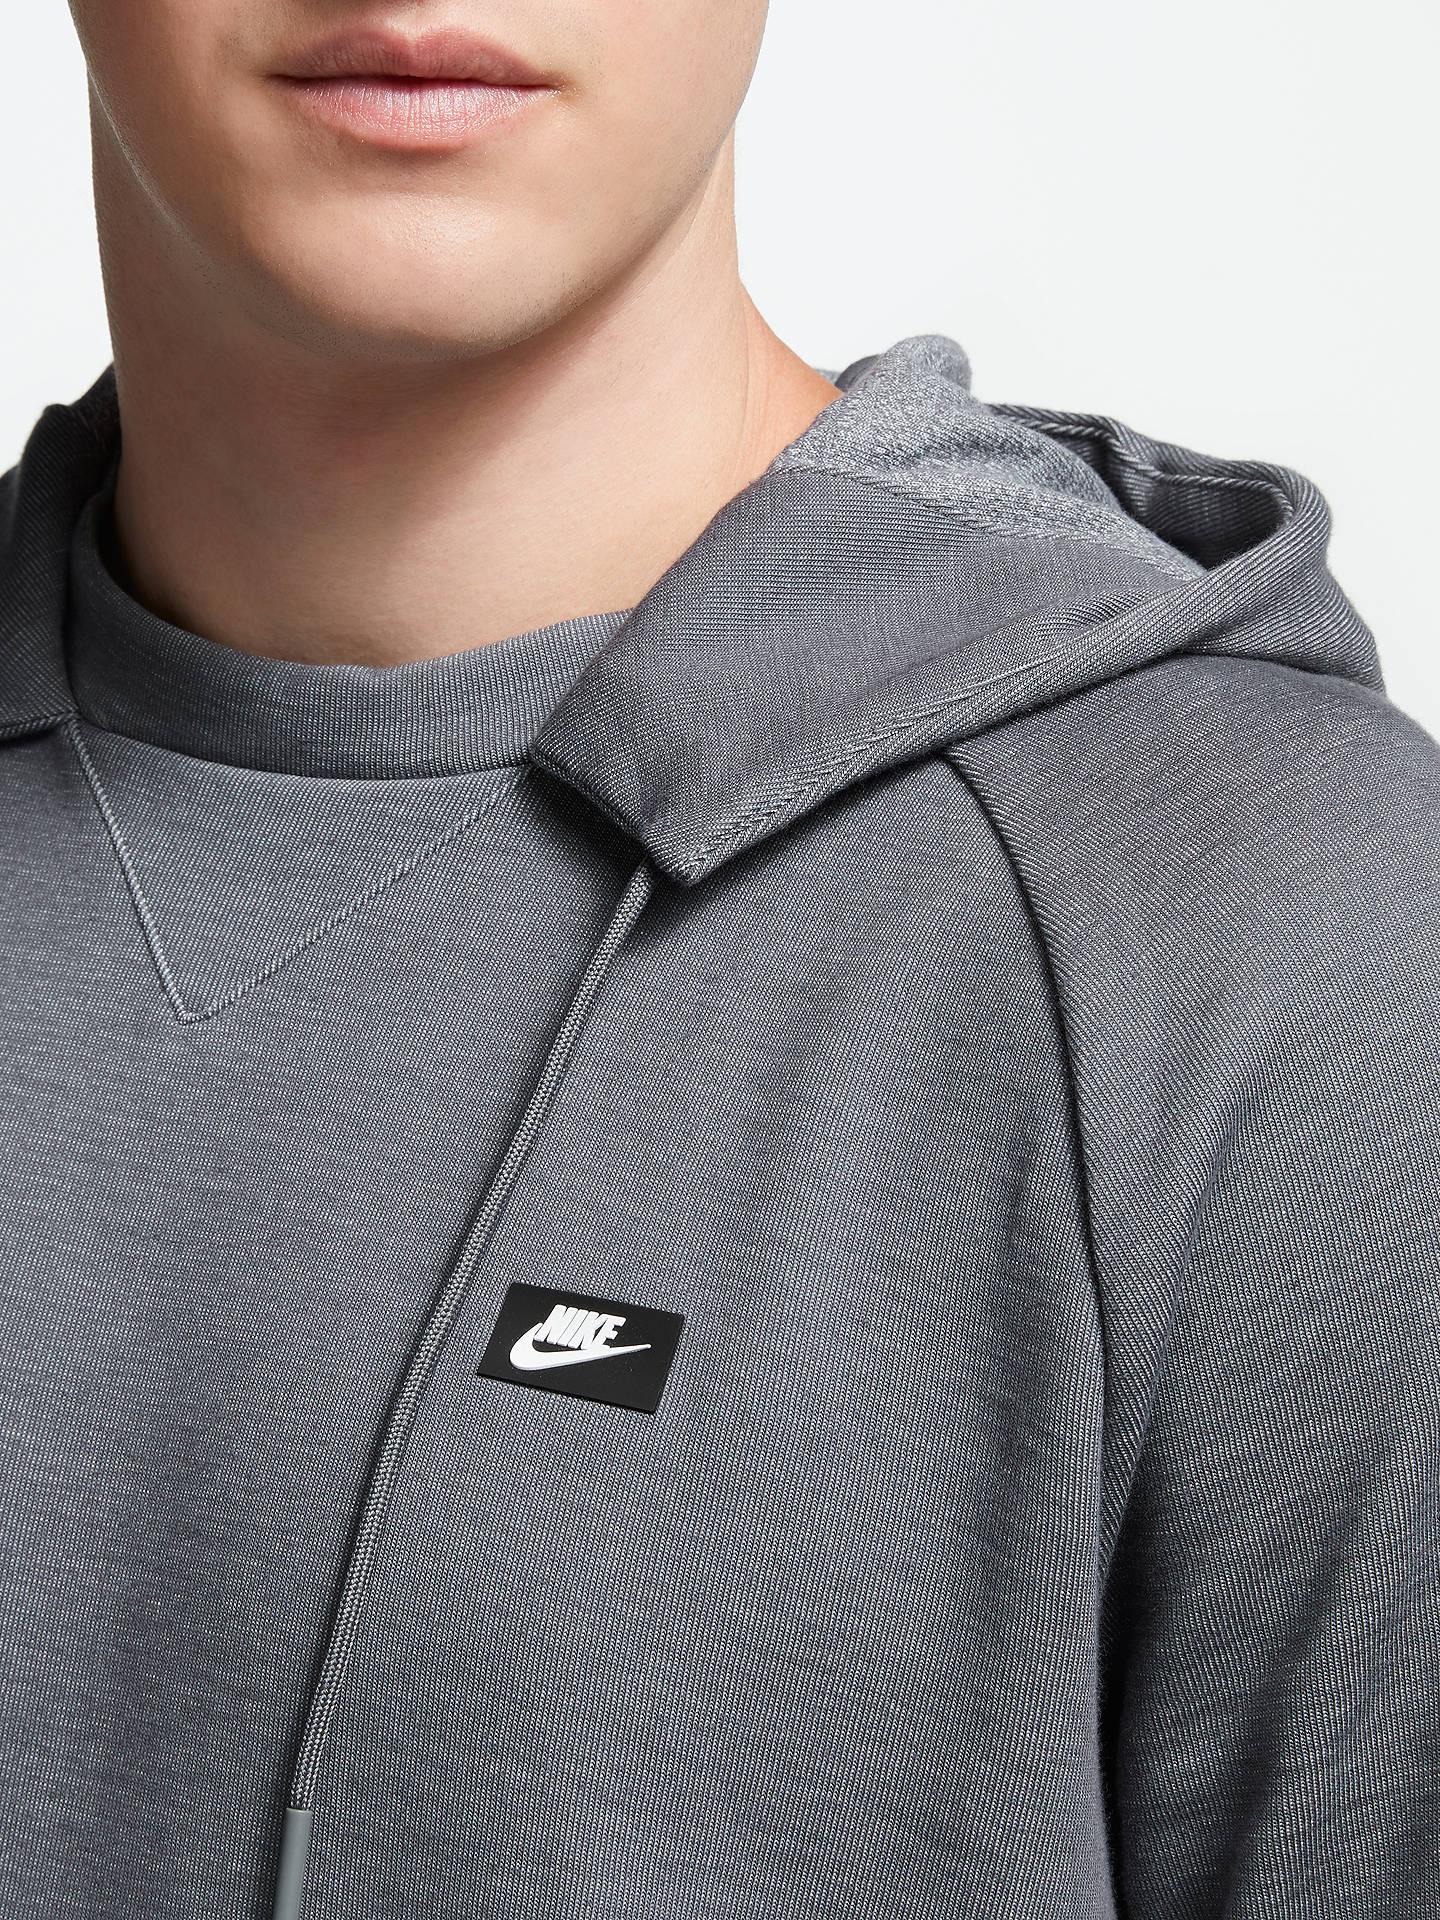 nike optic grey hoodie